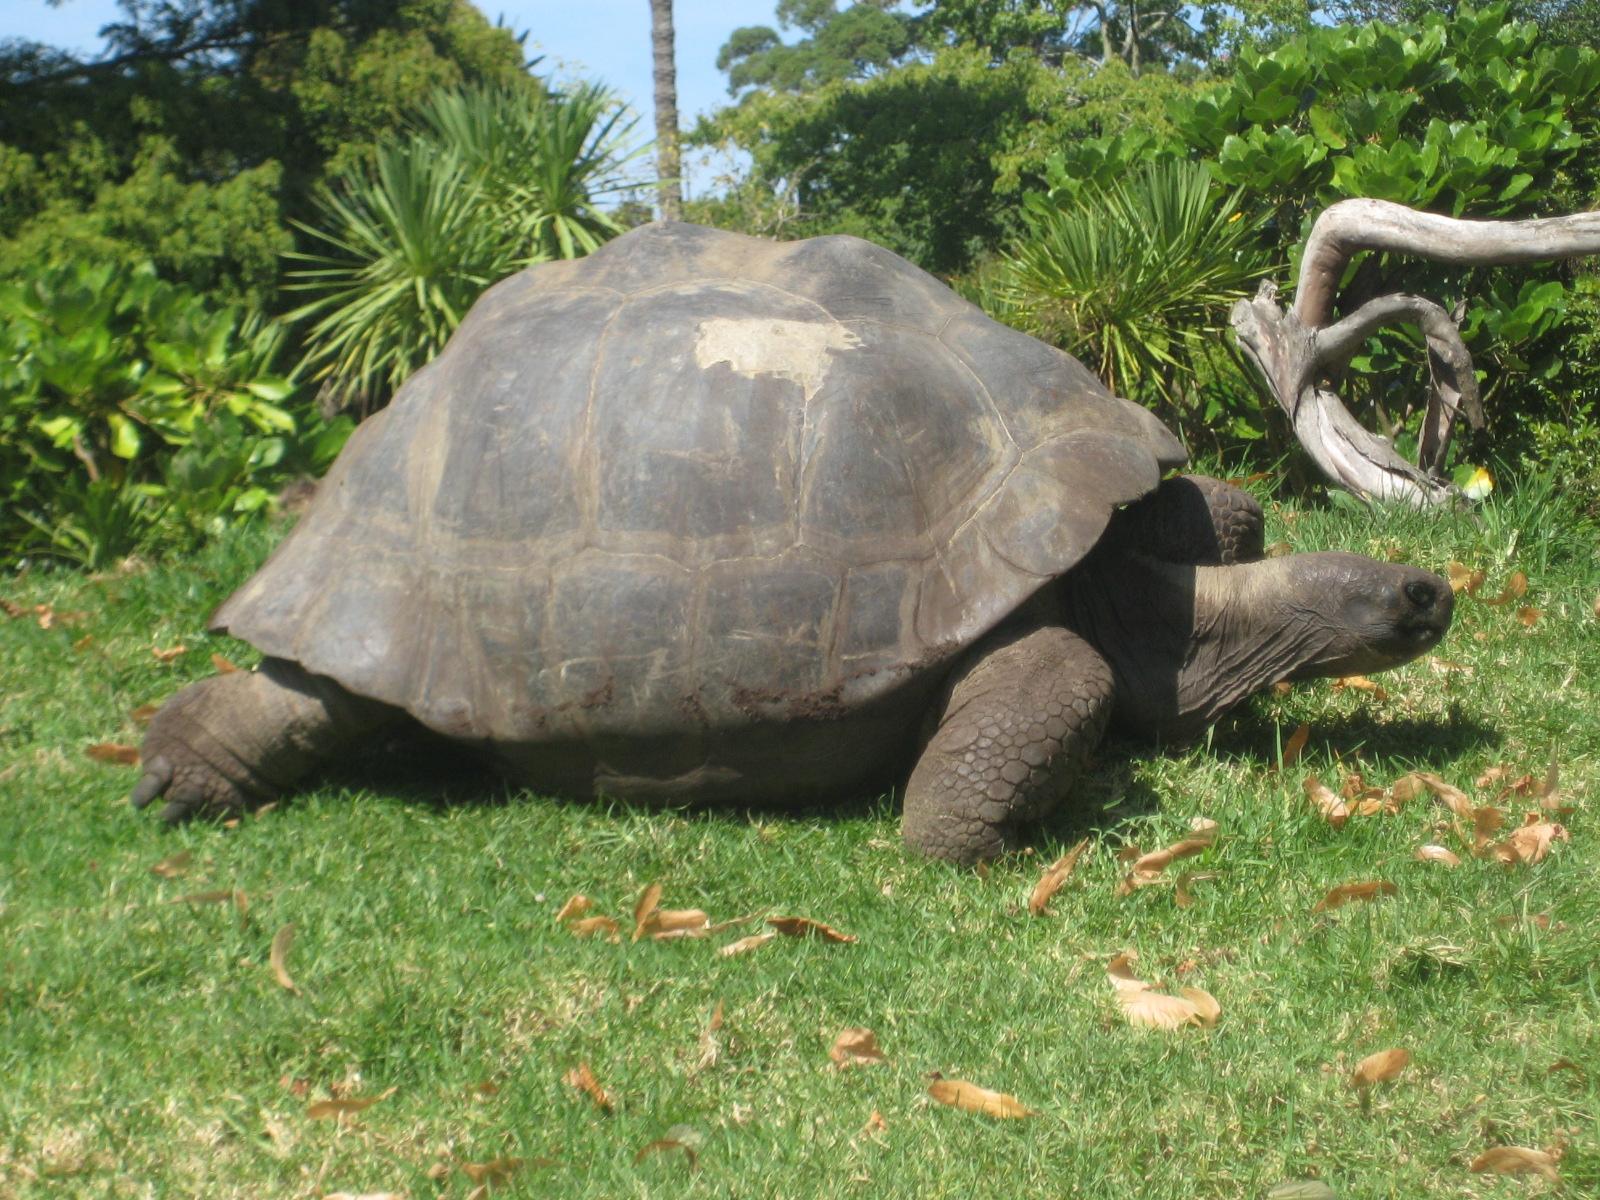 Giant Turtle | Broken Luggage